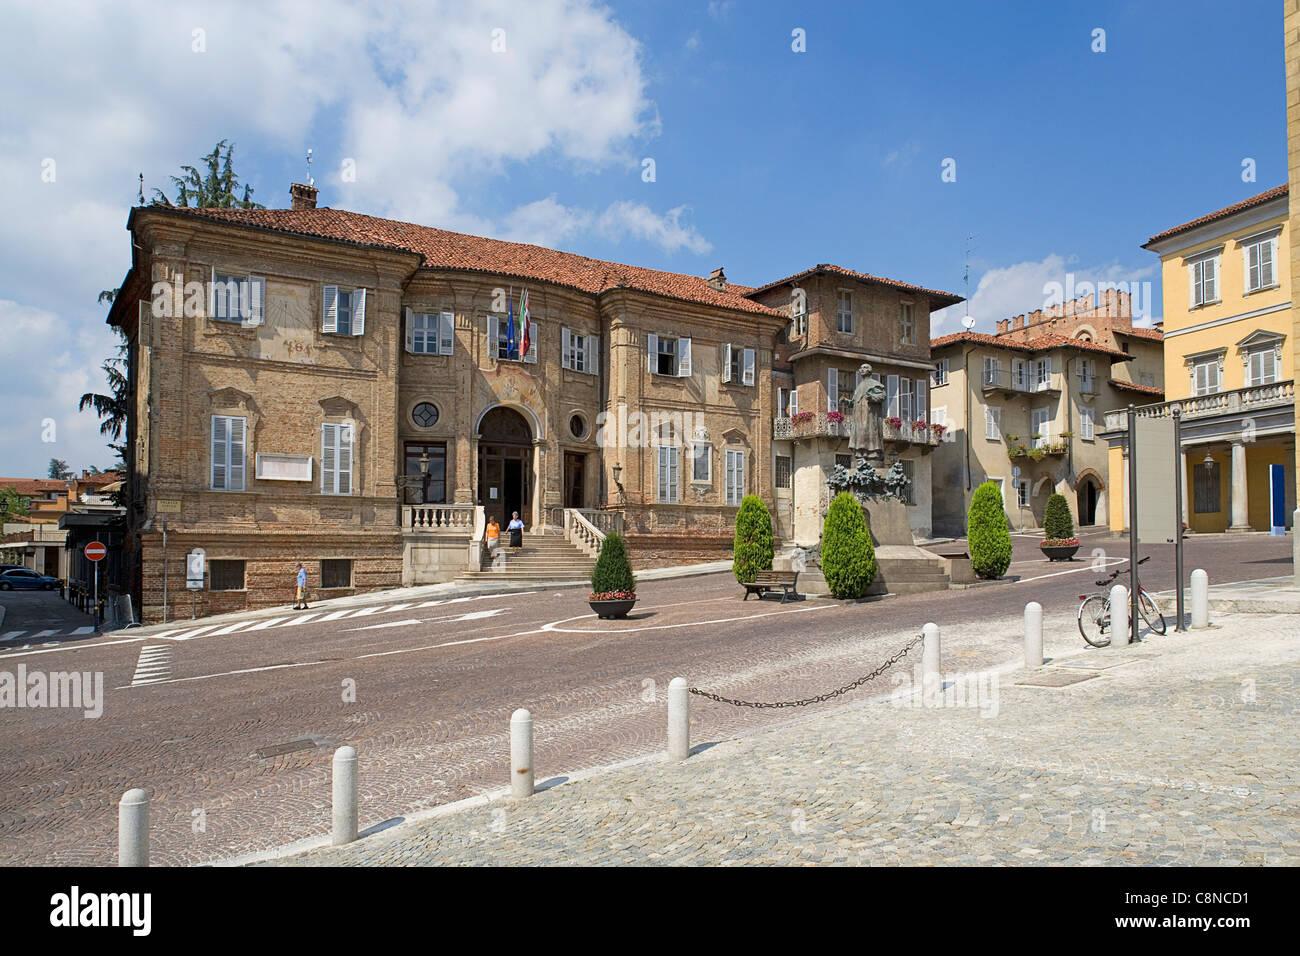 Italy, Piemonte, Bra, Piazza Caduti per la Liberta, view of town hall - Stock Image